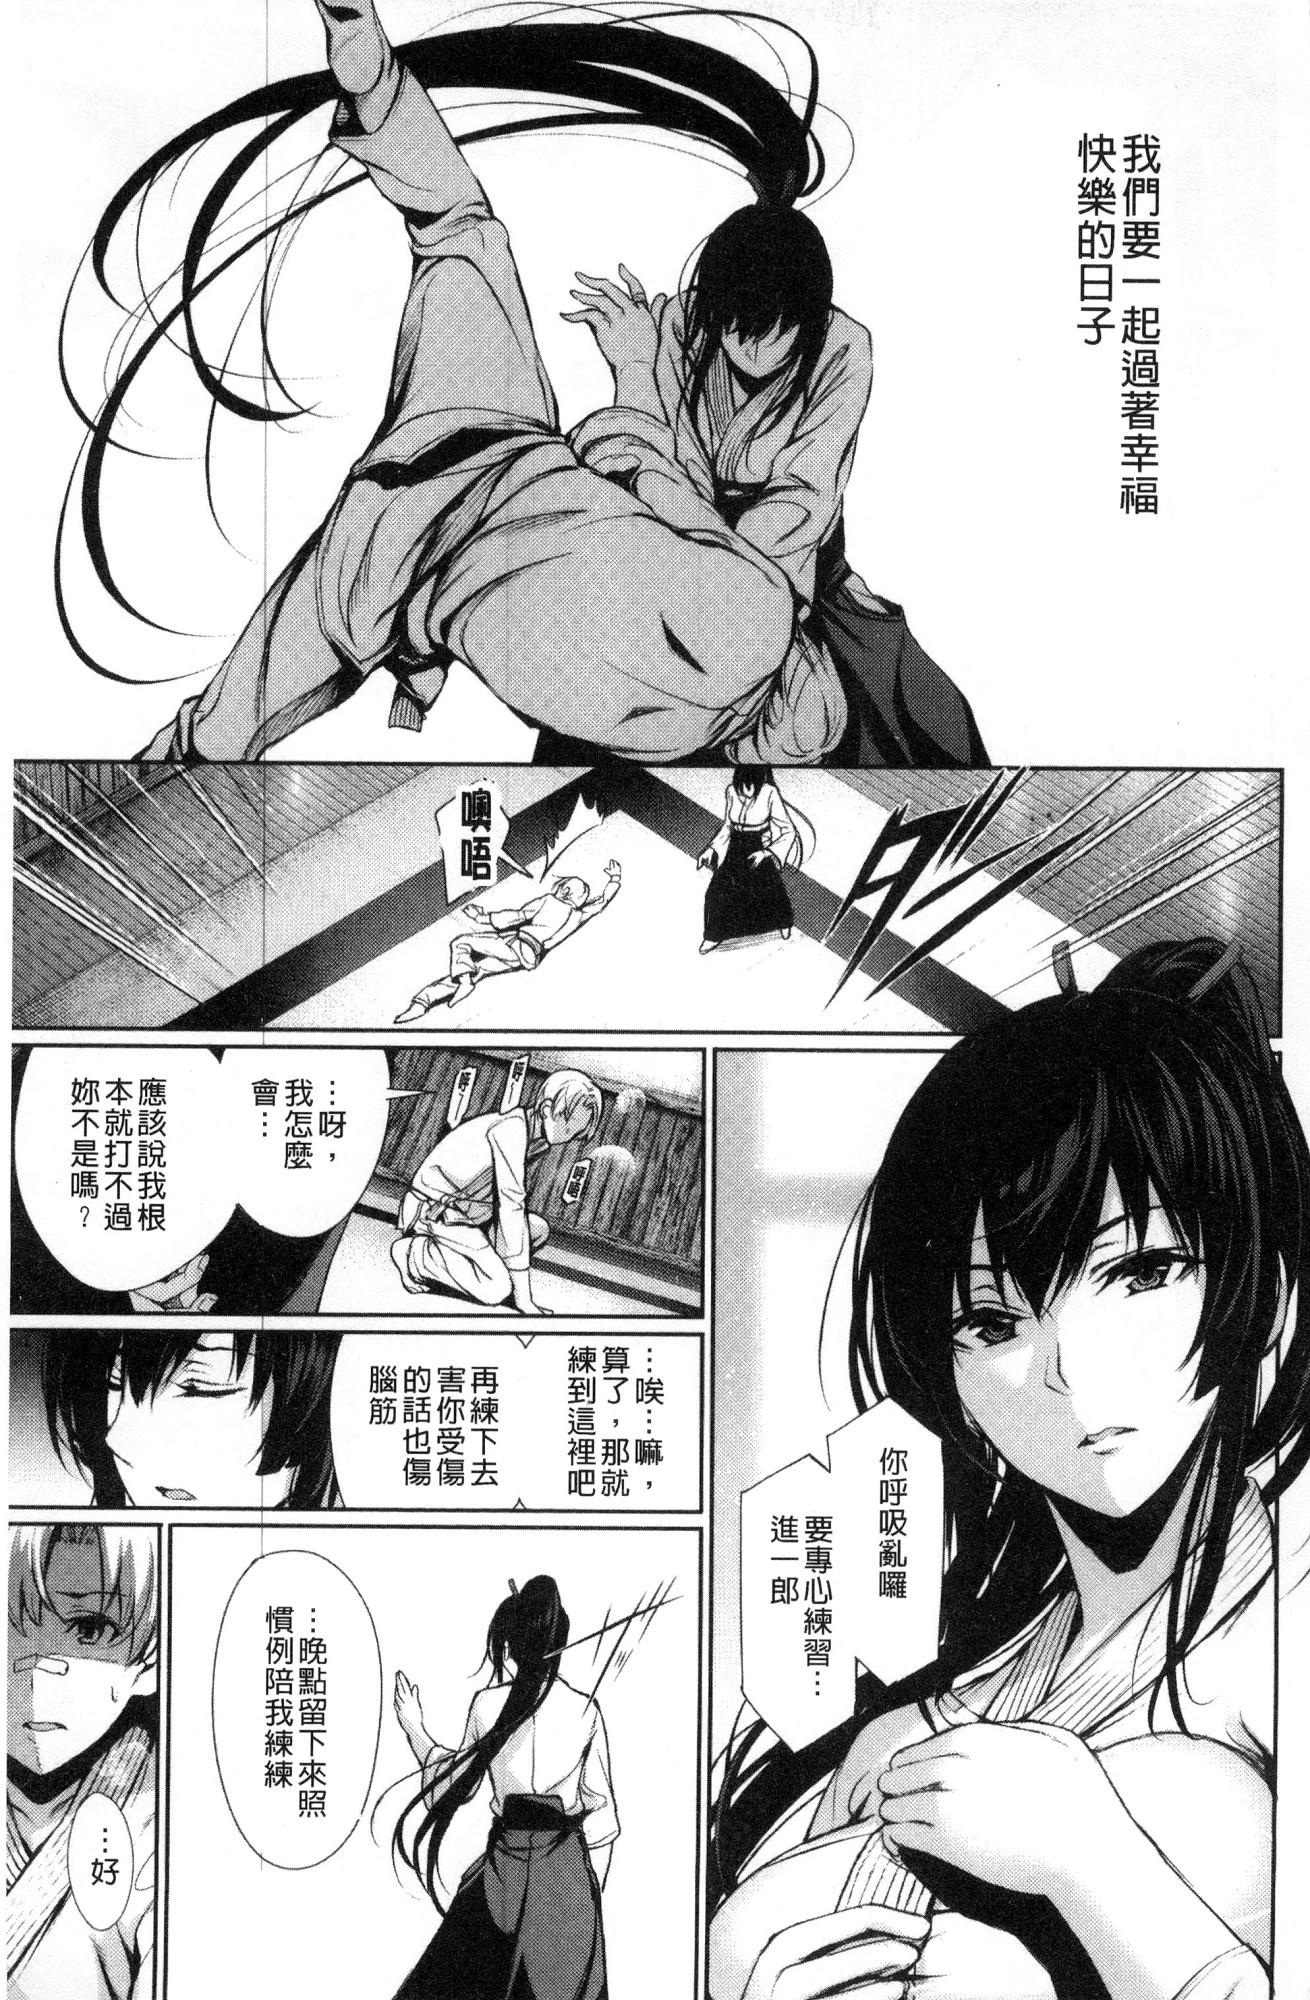 【里番+漫画】君想ふ恋 1-2话 5